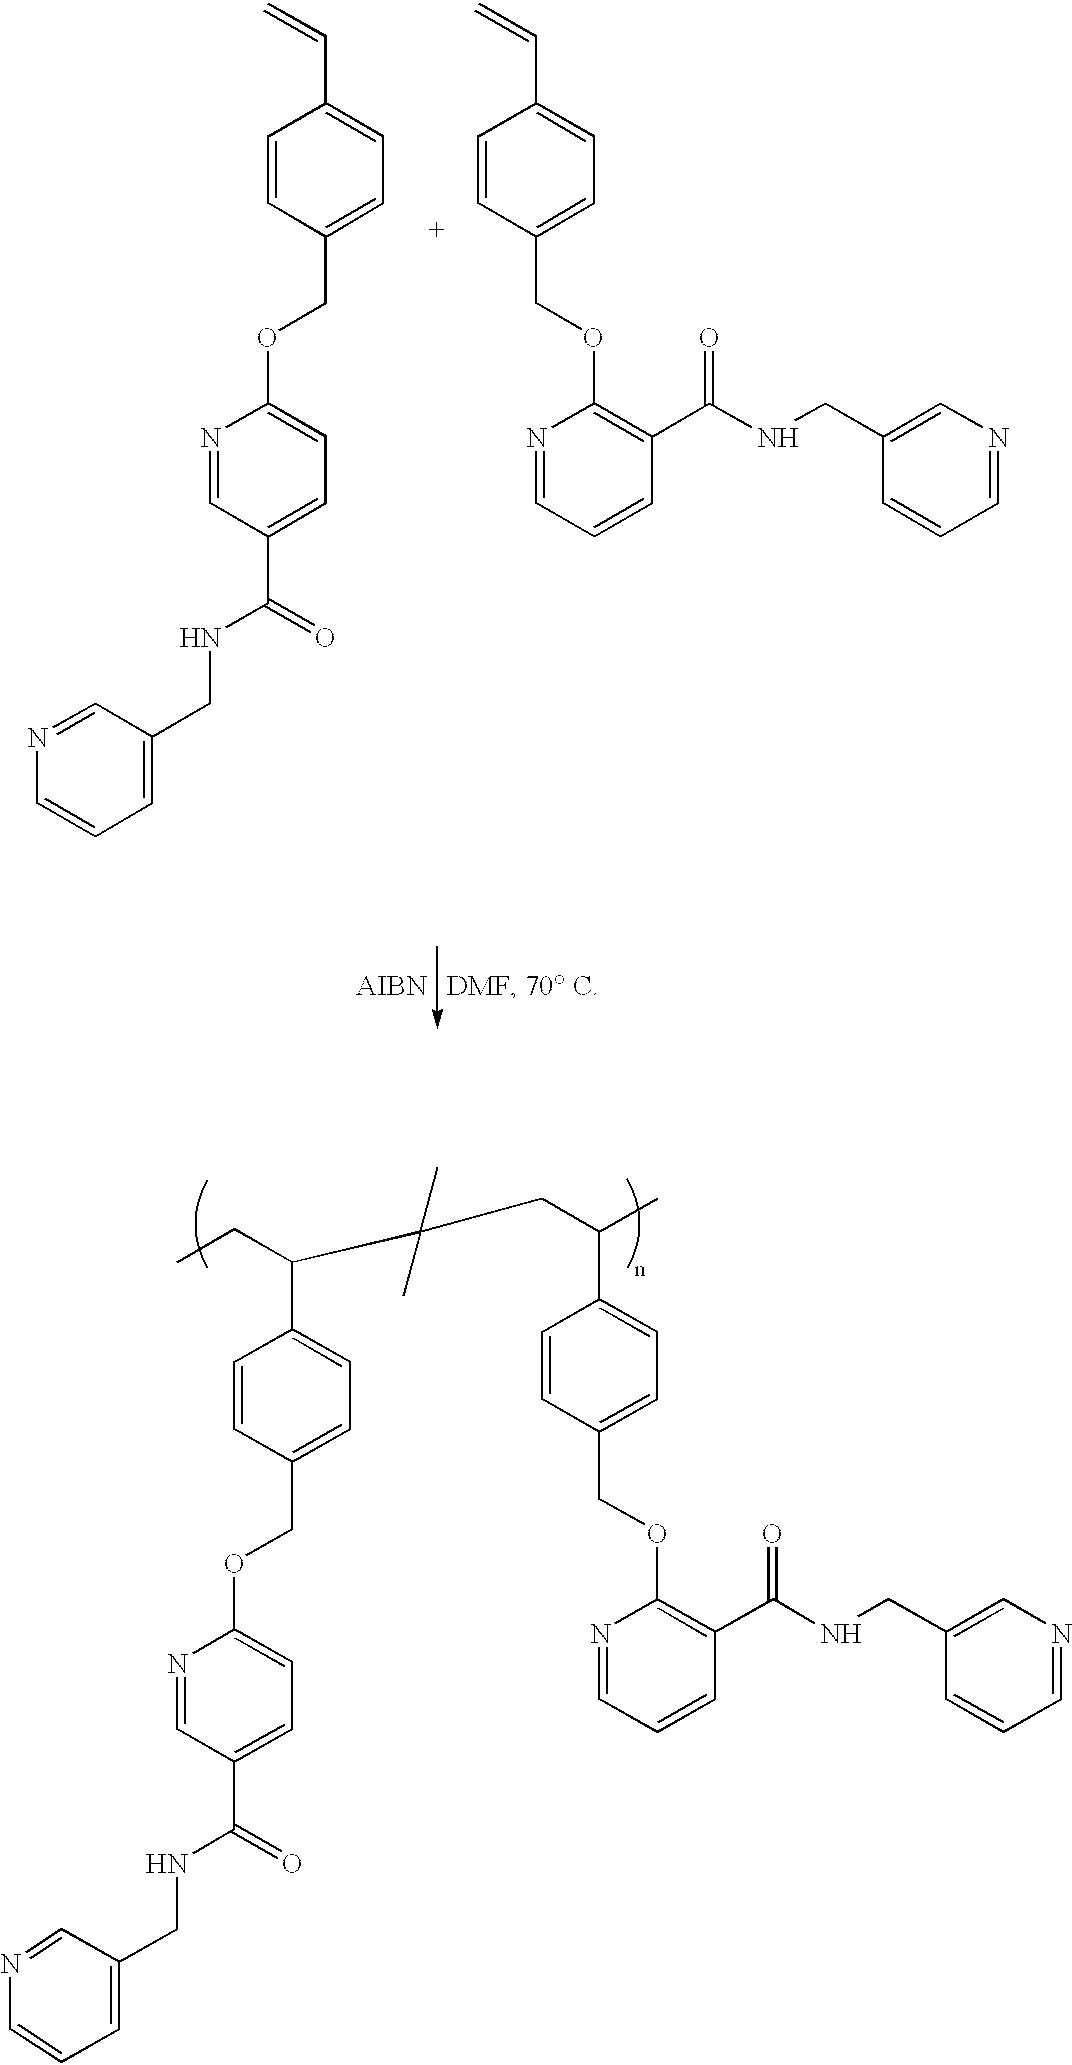 Figure US20030031715A1-20030213-C00061